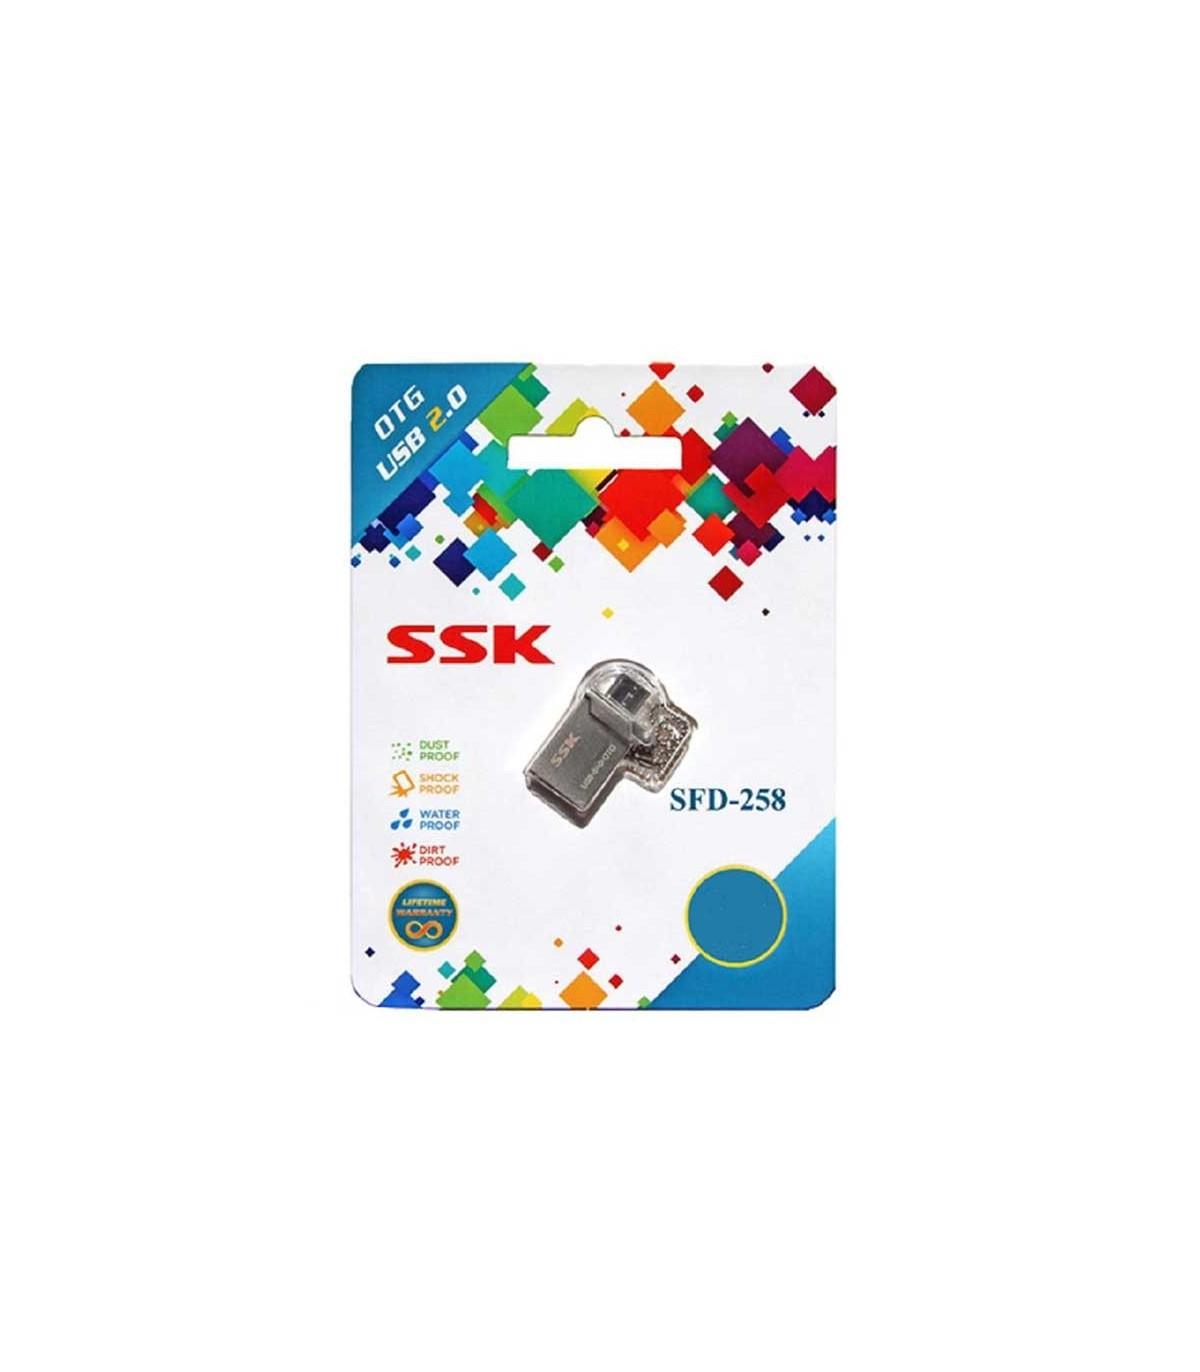 فلش مموری 8 گیگابایت SSK SFD258 OTG